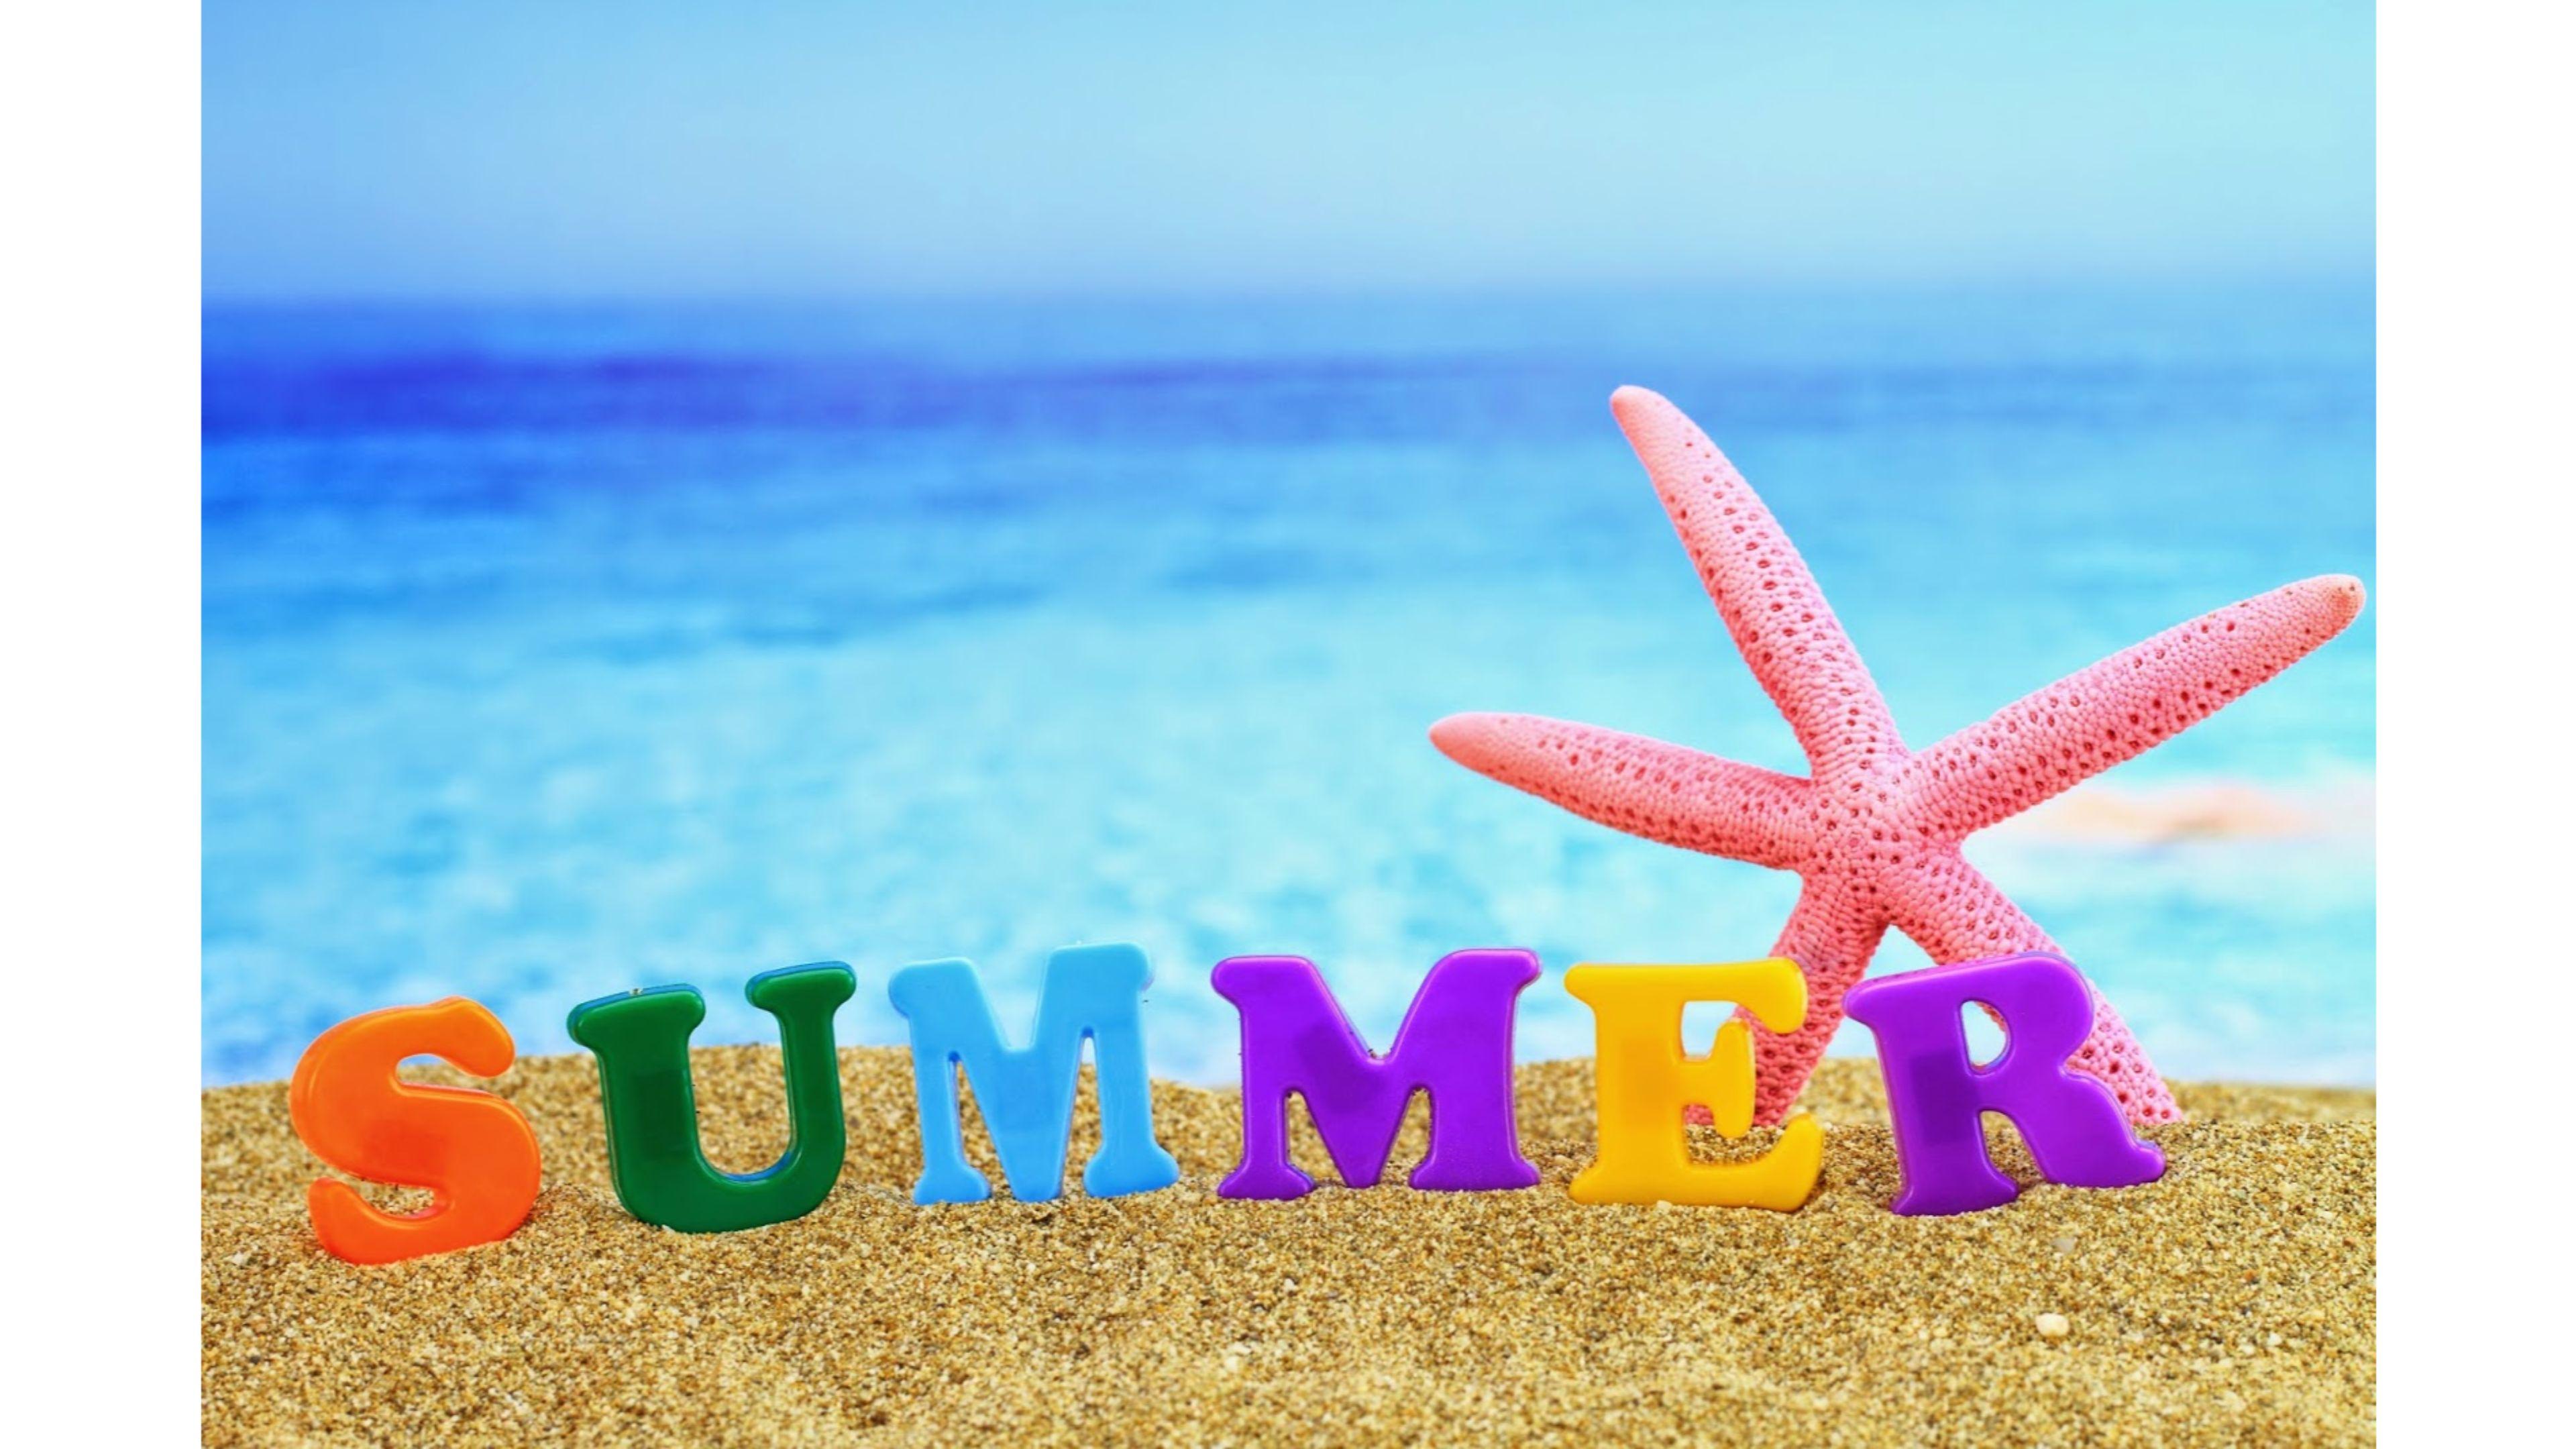 Creative Summer 4K Wallpaper 4K Wallpaper 3840x2160